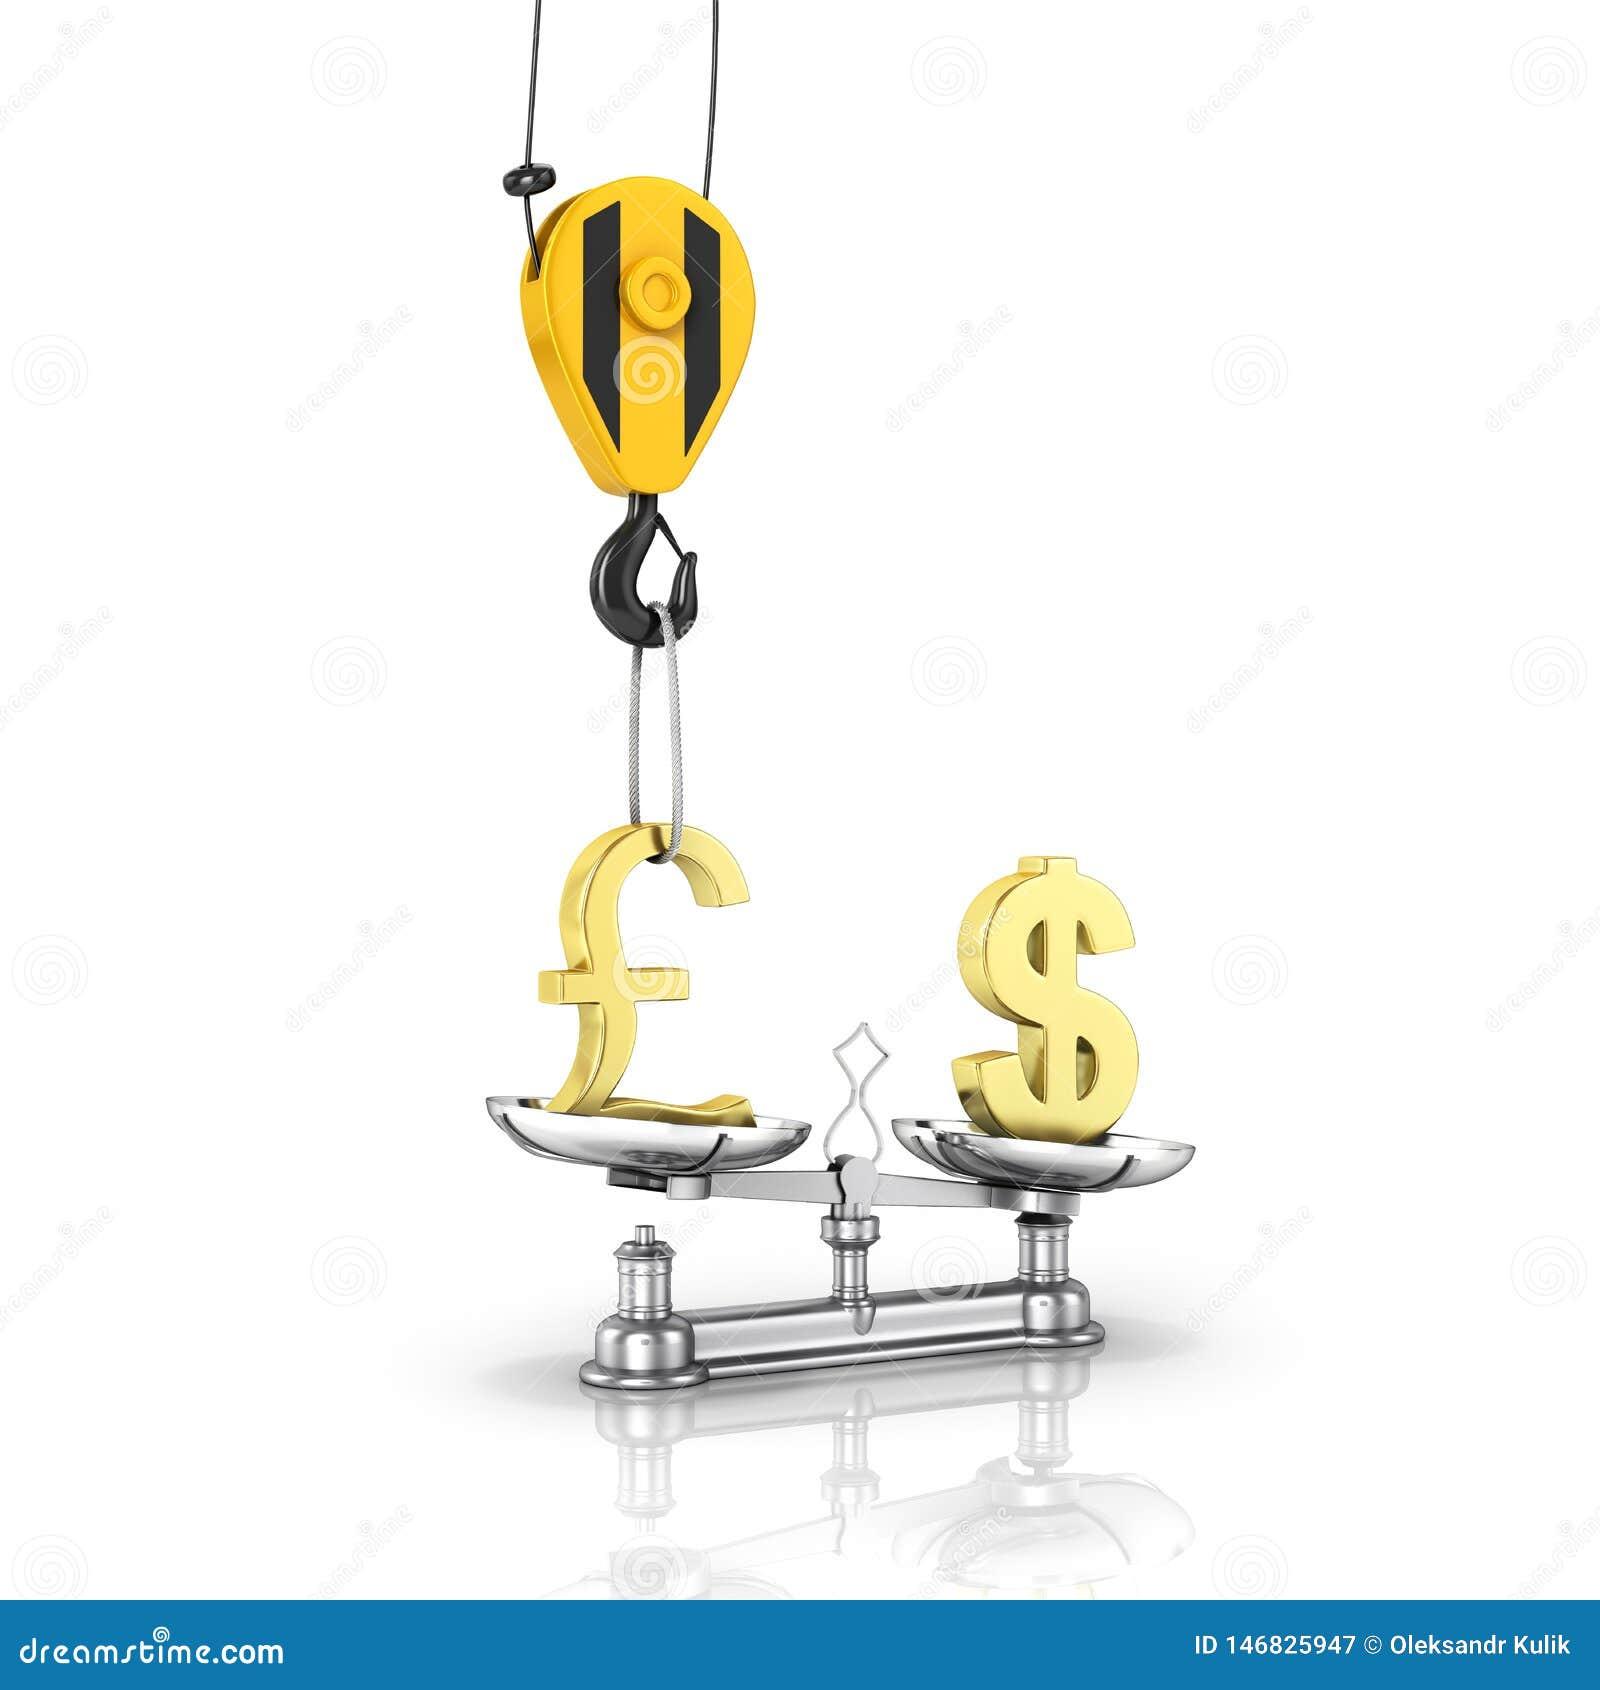 El concepto de d?lar de la ayuda del tipo de cambio contra libra la gr?a tira la libra hacia arriba y baja el d?lar en el fondo b